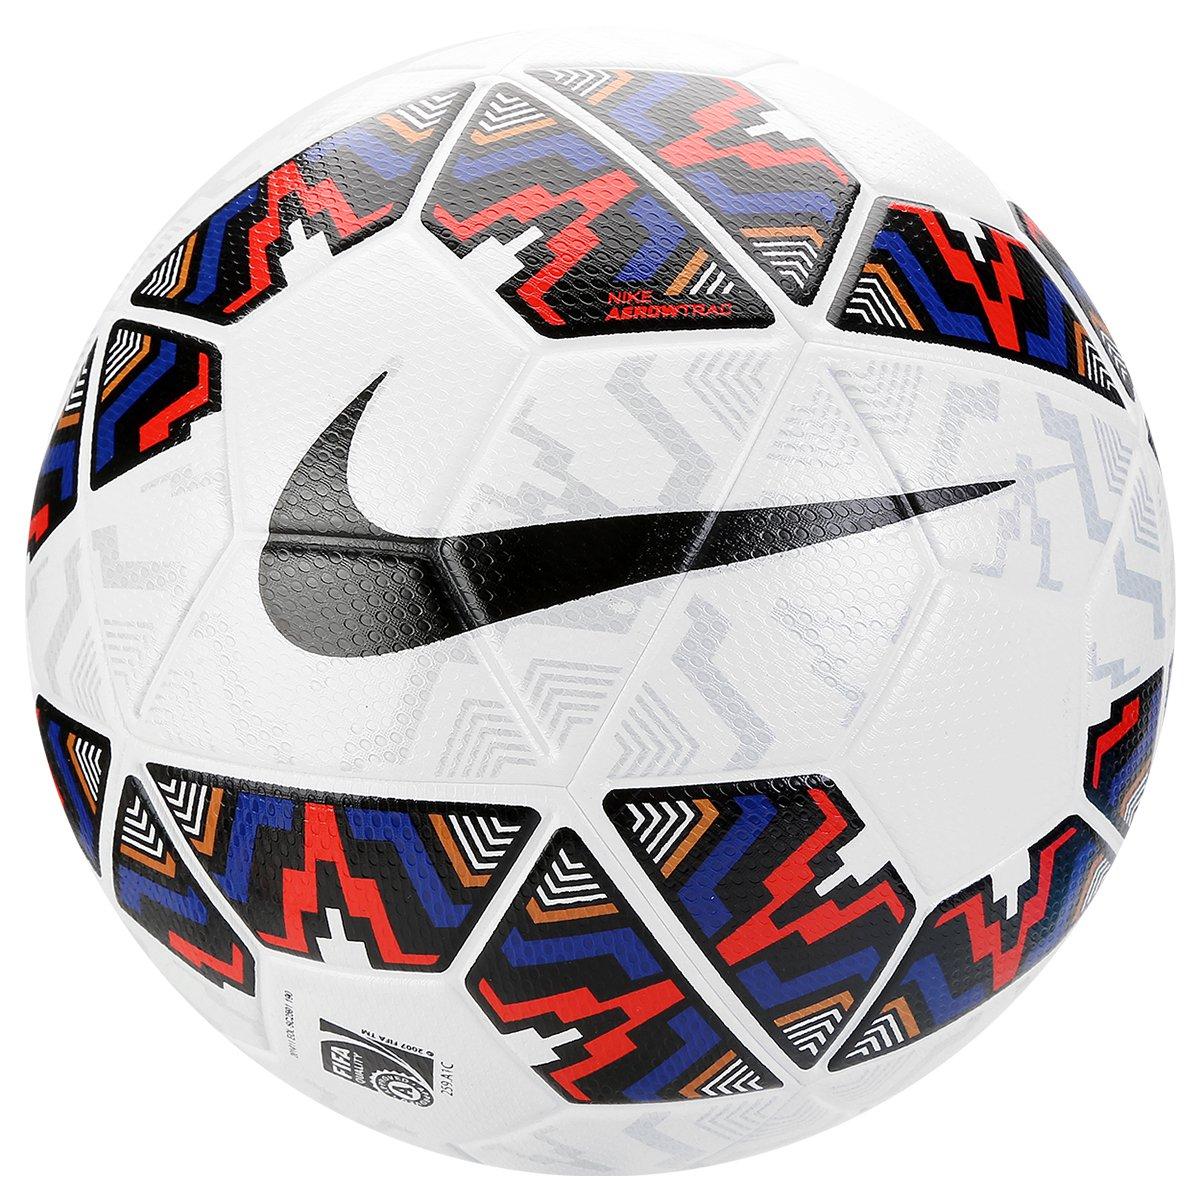 Bola Futebol Nike Ordem 2 Copa América Campo - Compre Agora  af74edbcf4725